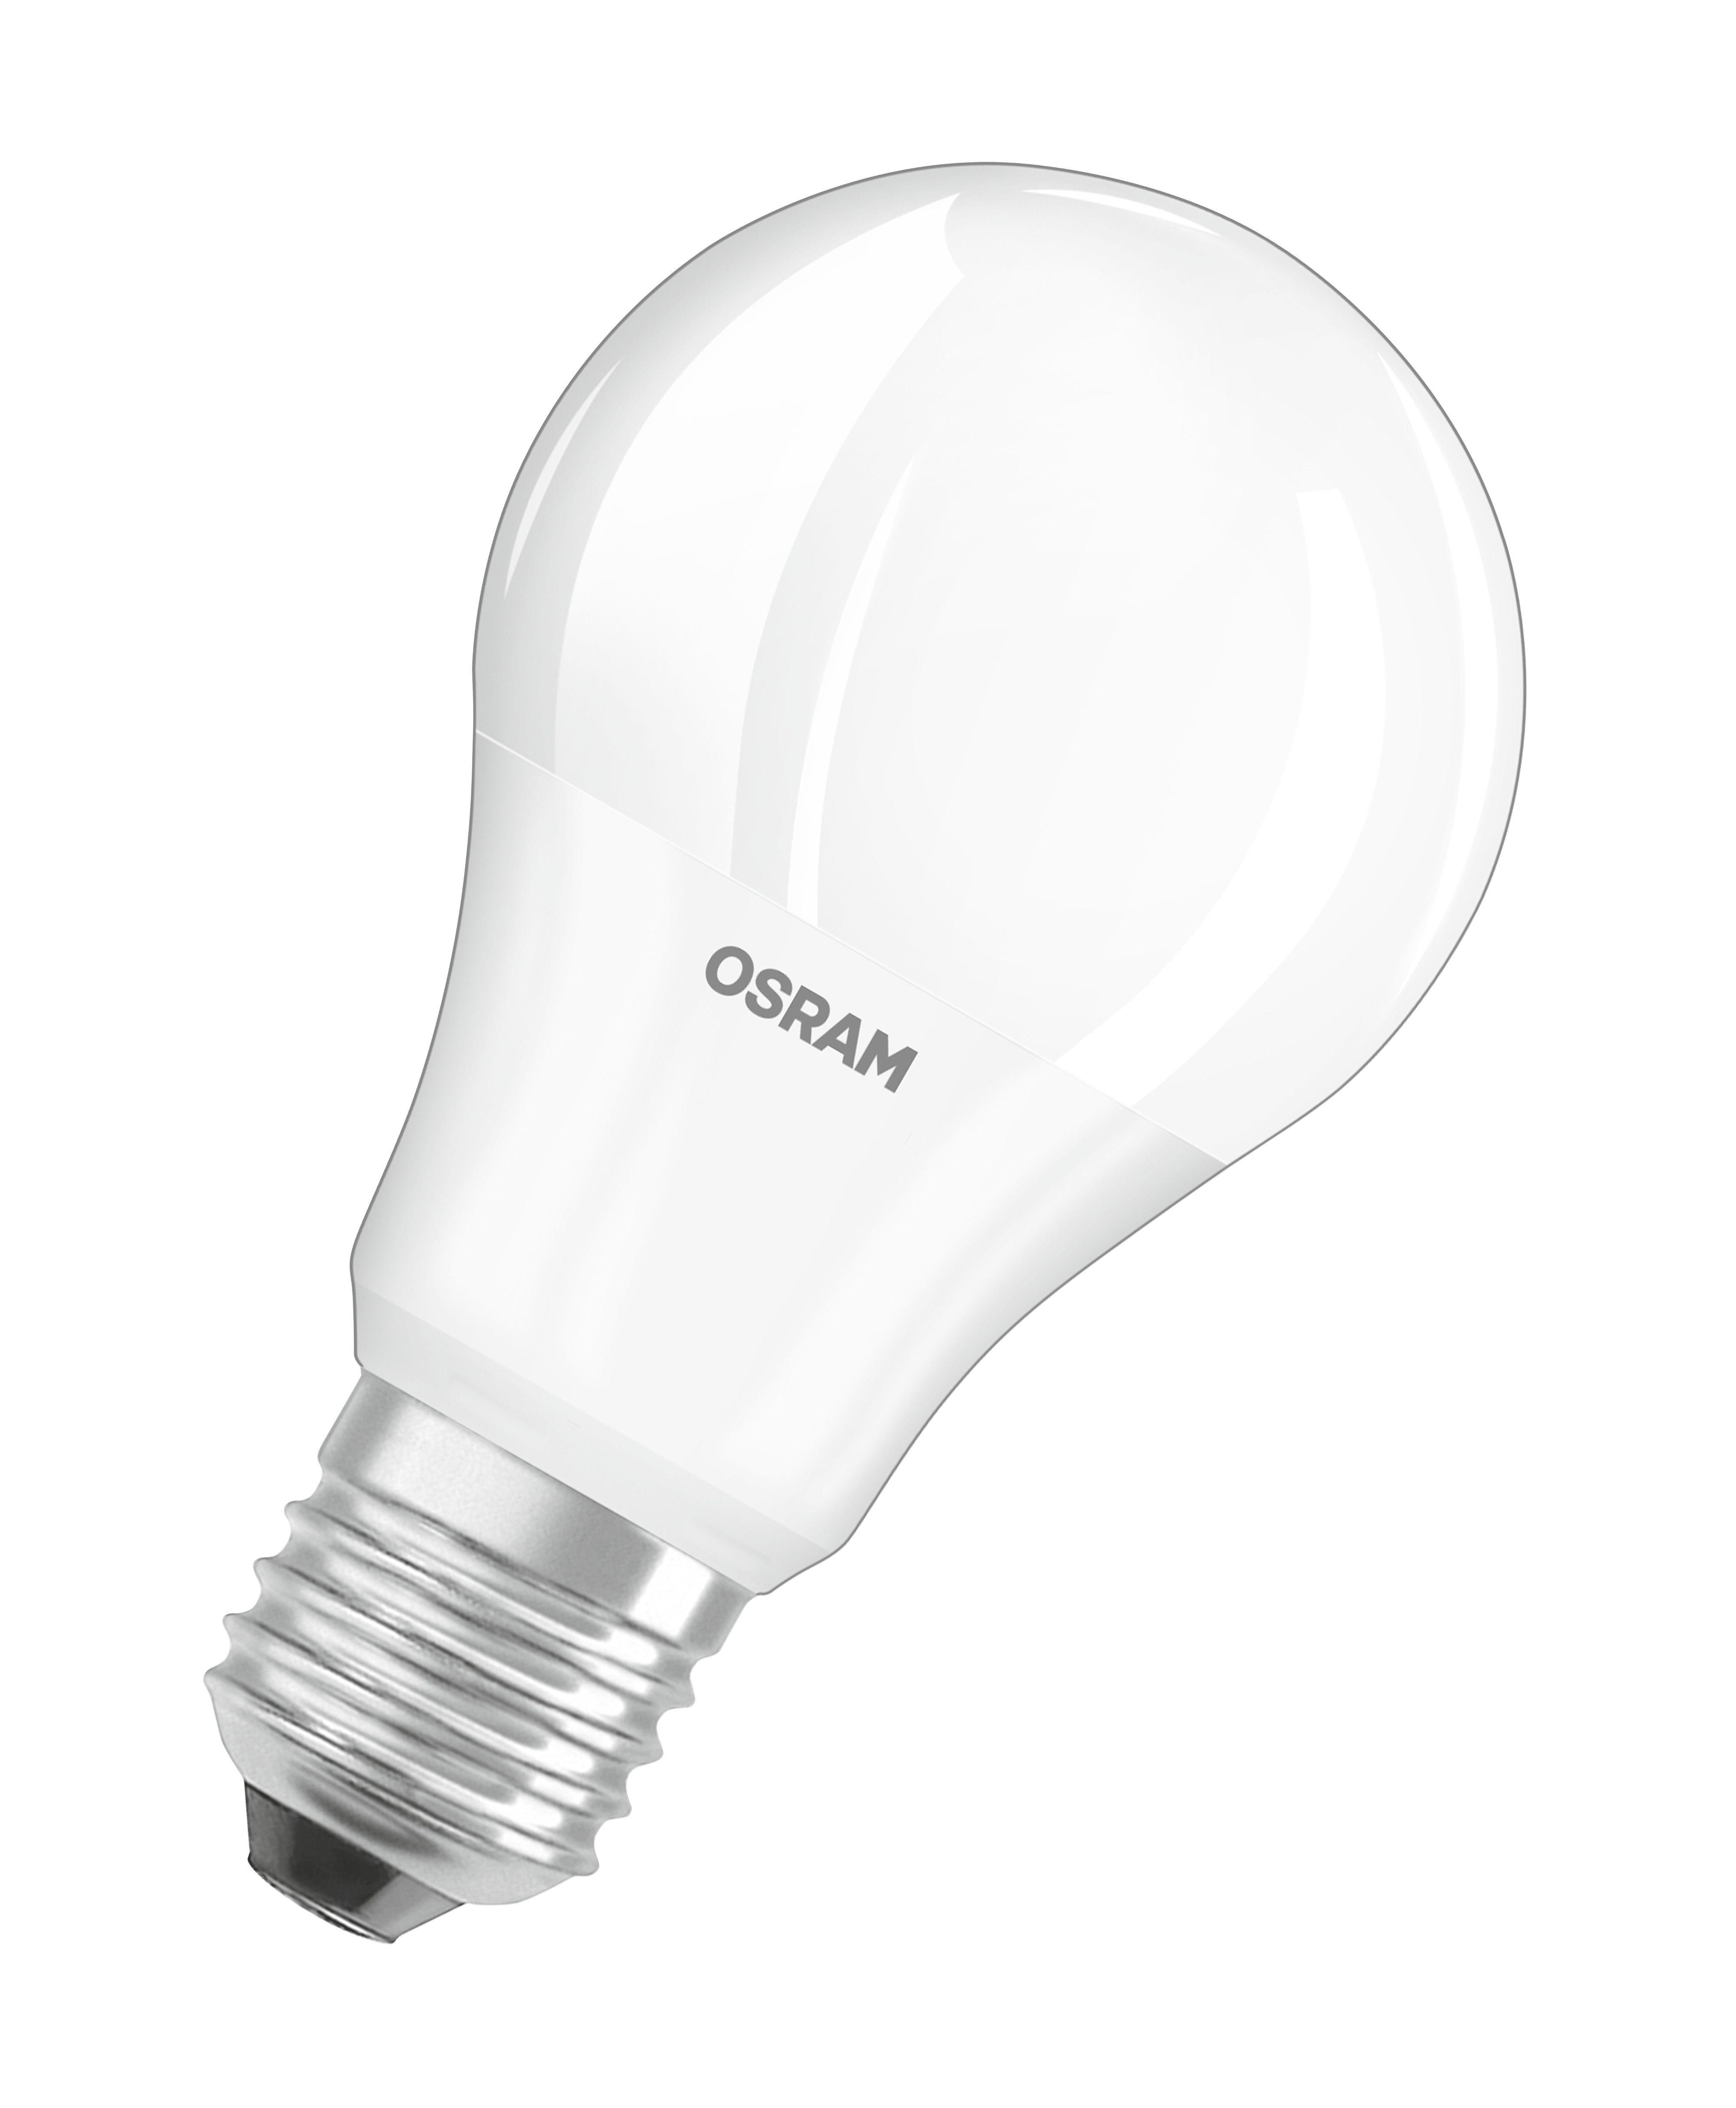 Купить Лампа светодиодная Osram LSCLA75 9, 5W/865 230VFR E27 10X1 RUOsram дневной свет, Osram Ledvance